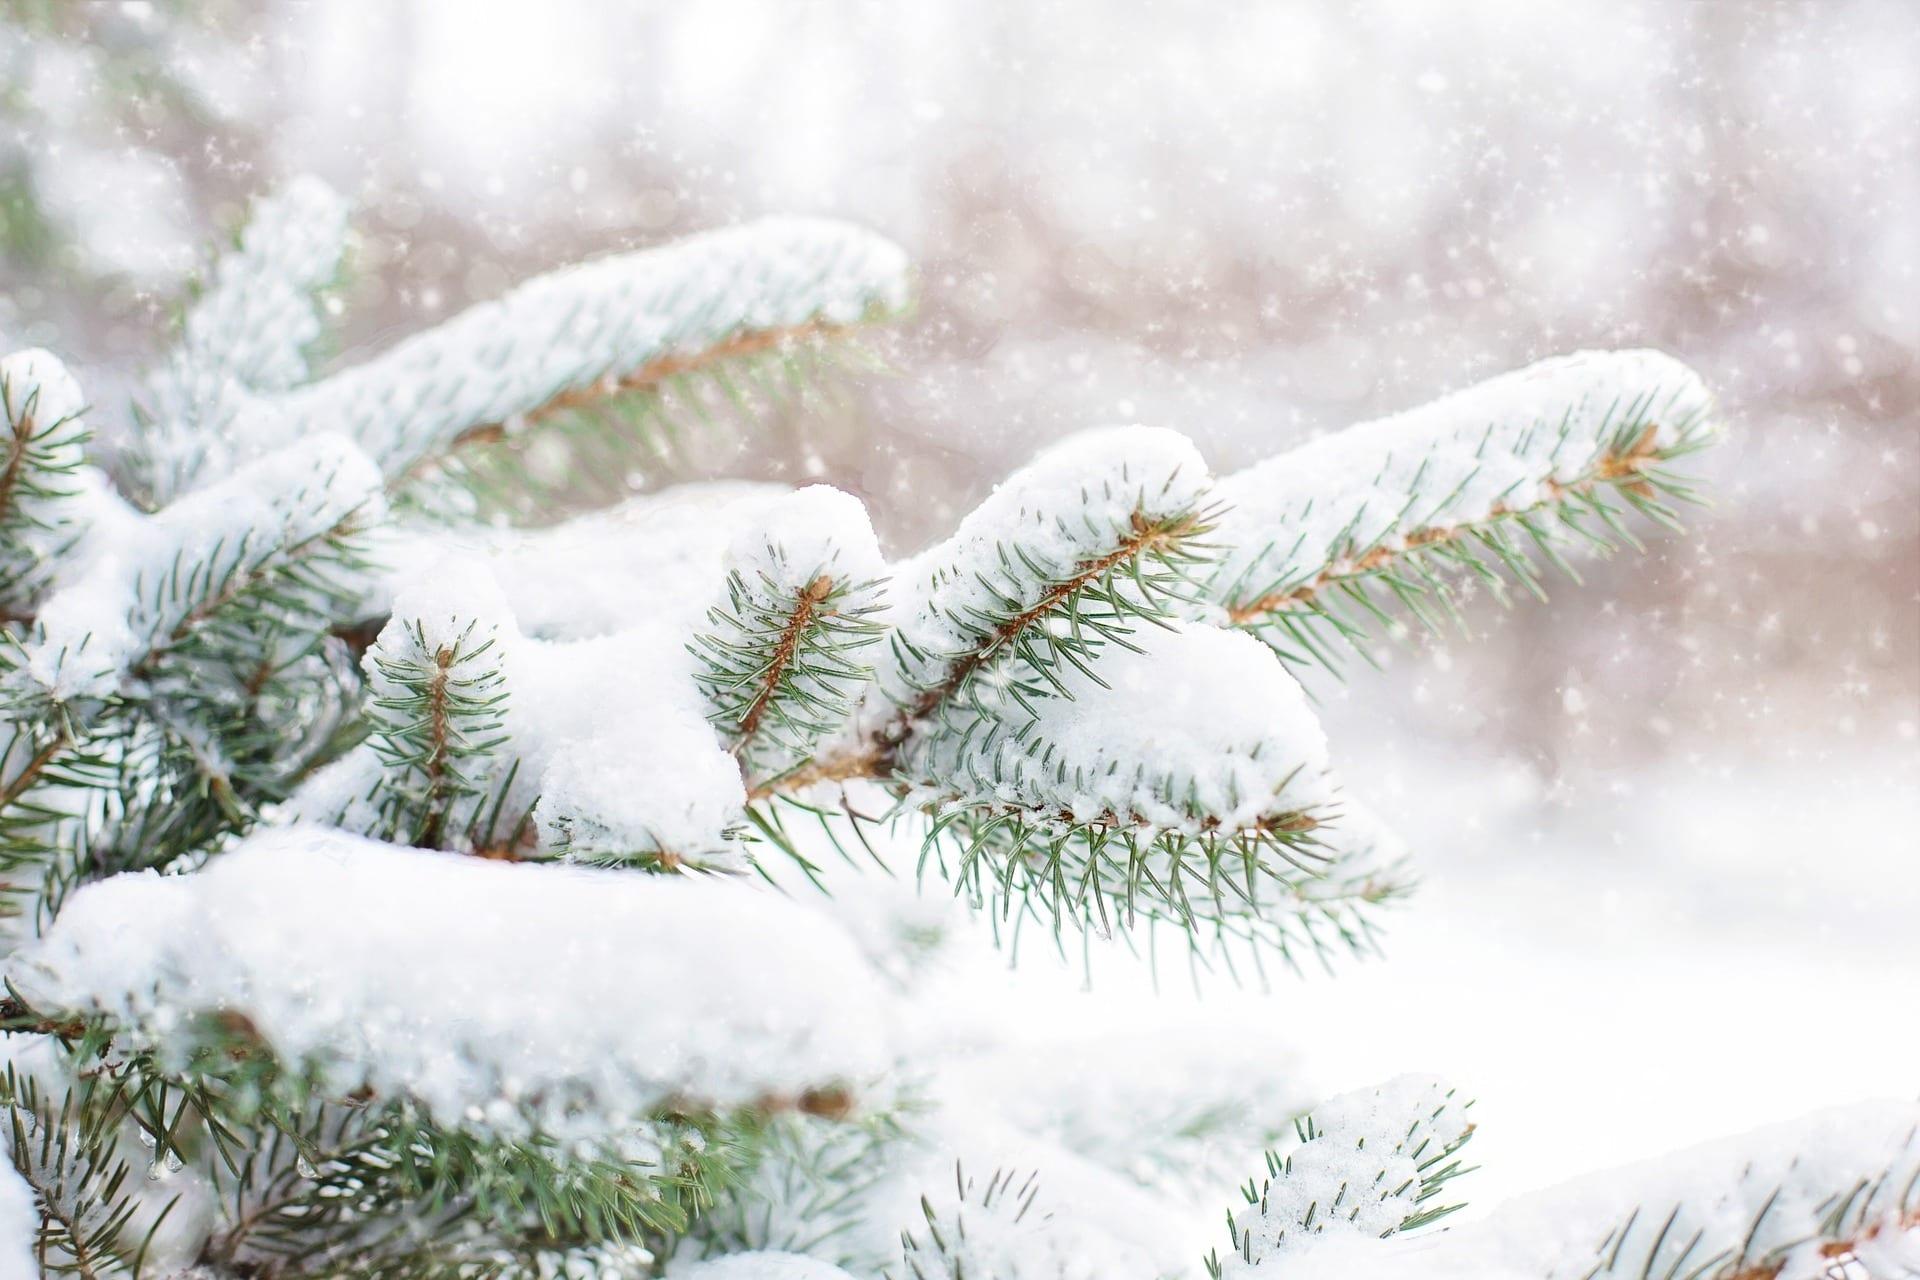 Pretty snow on pretty pine tree